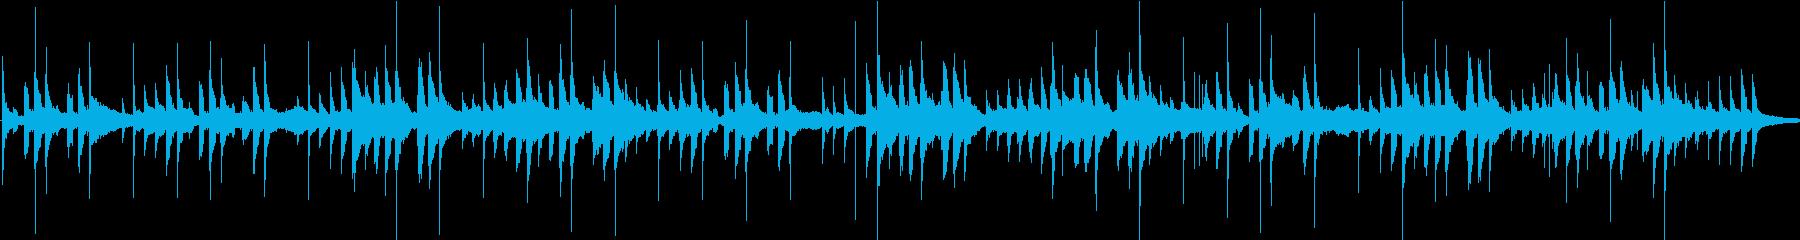 伝統的なインドの民俗音楽をクラシッ...の再生済みの波形